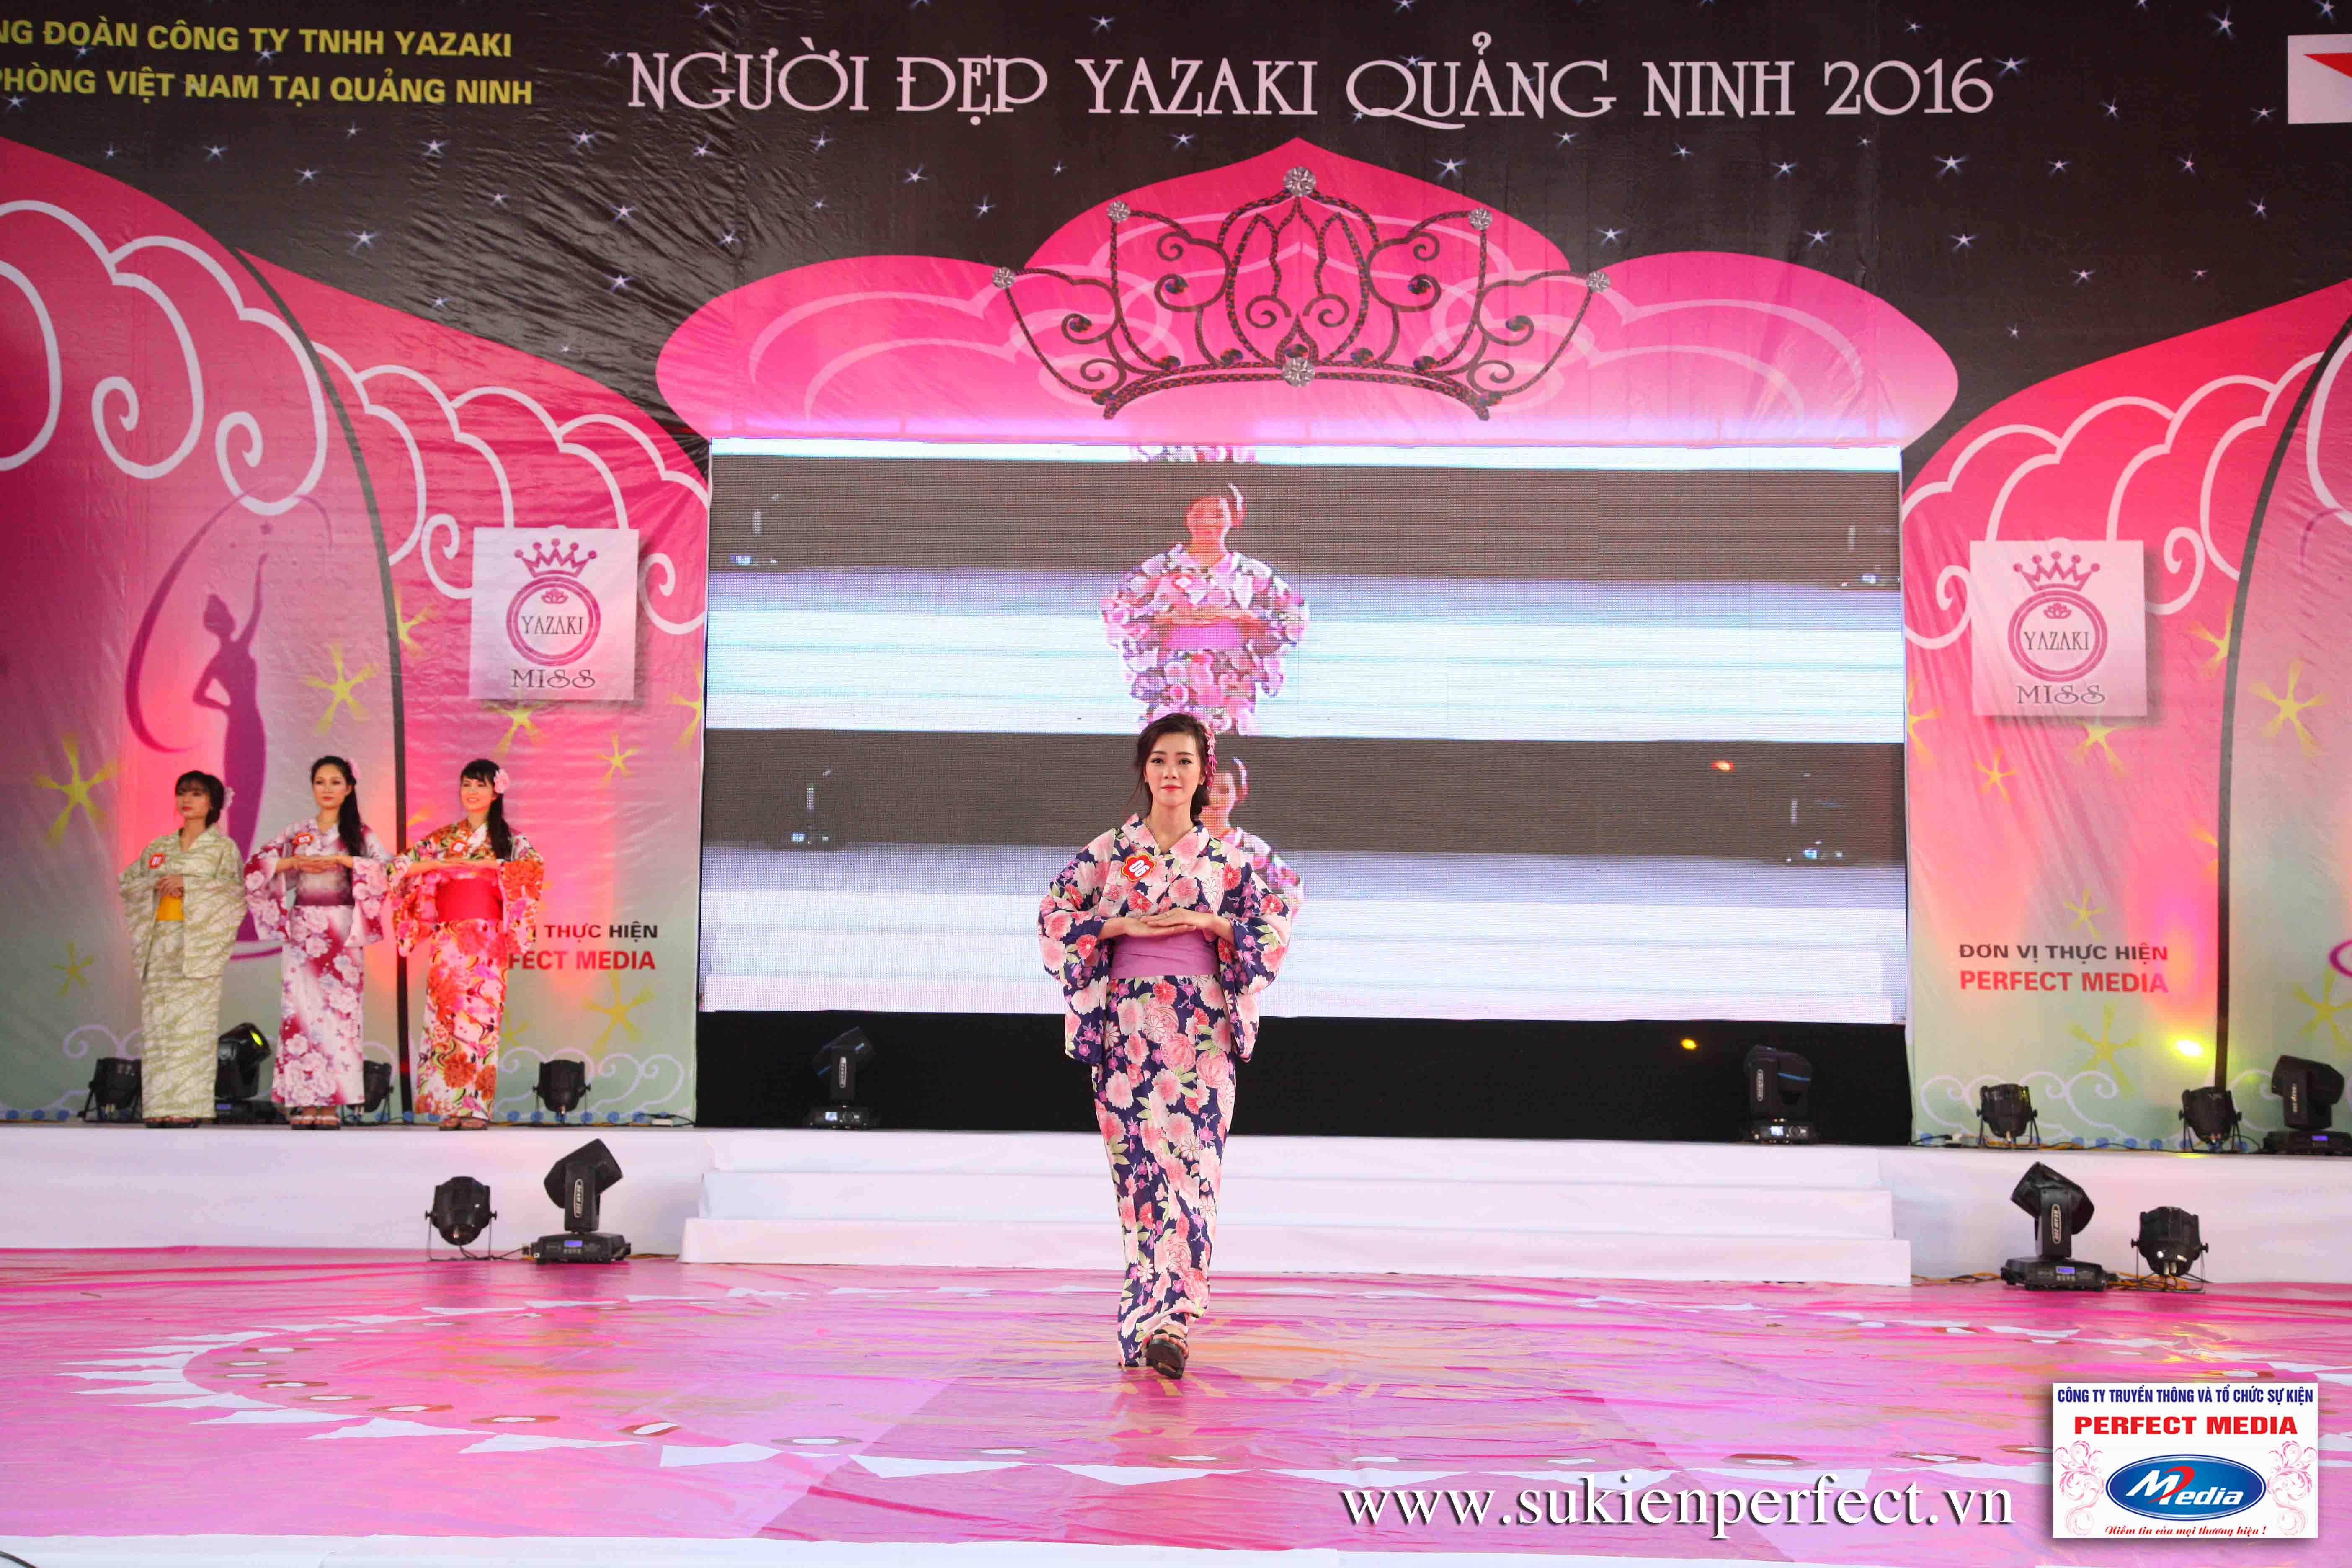 Hình ảnh các thí sinh trong trang phục Kimono - Người đẹp Yazaki Quảng Ninh 2016 - 07